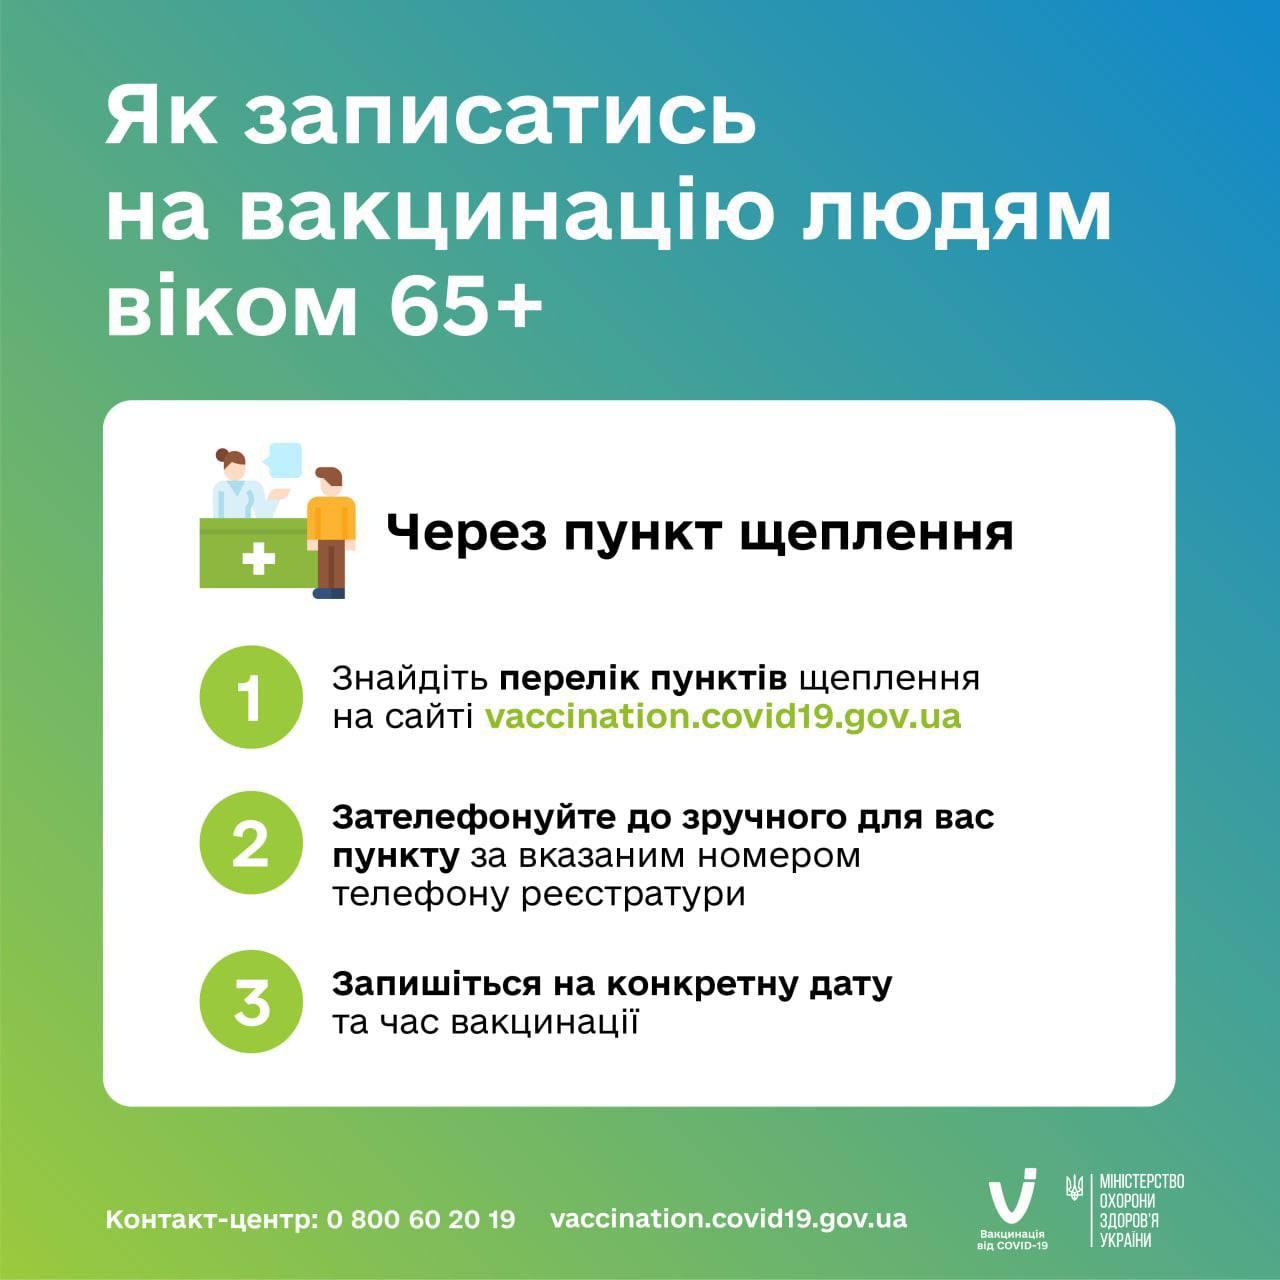 В Украине началась COVID-вакцинация людей старше 65 лет: как записаться на прививку